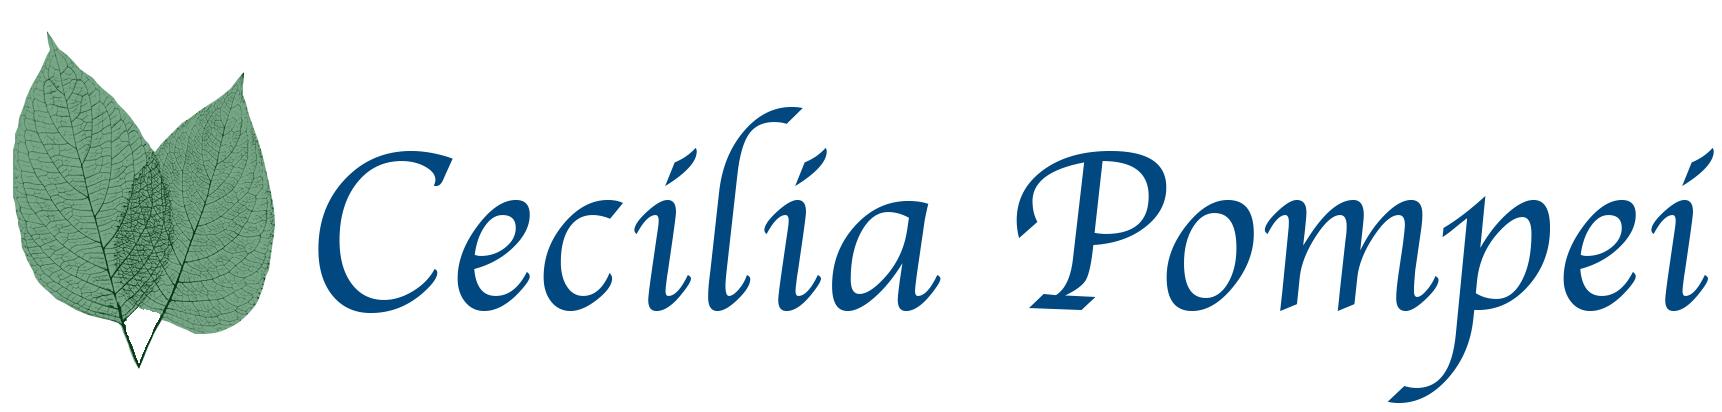 cecilia_pompei_blu_verde_1